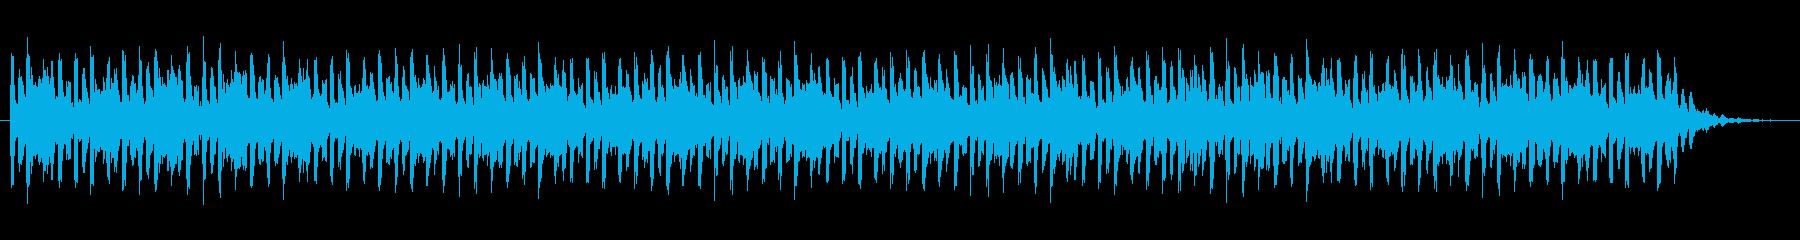 ショートBGM:テクノポップ03の再生済みの波形